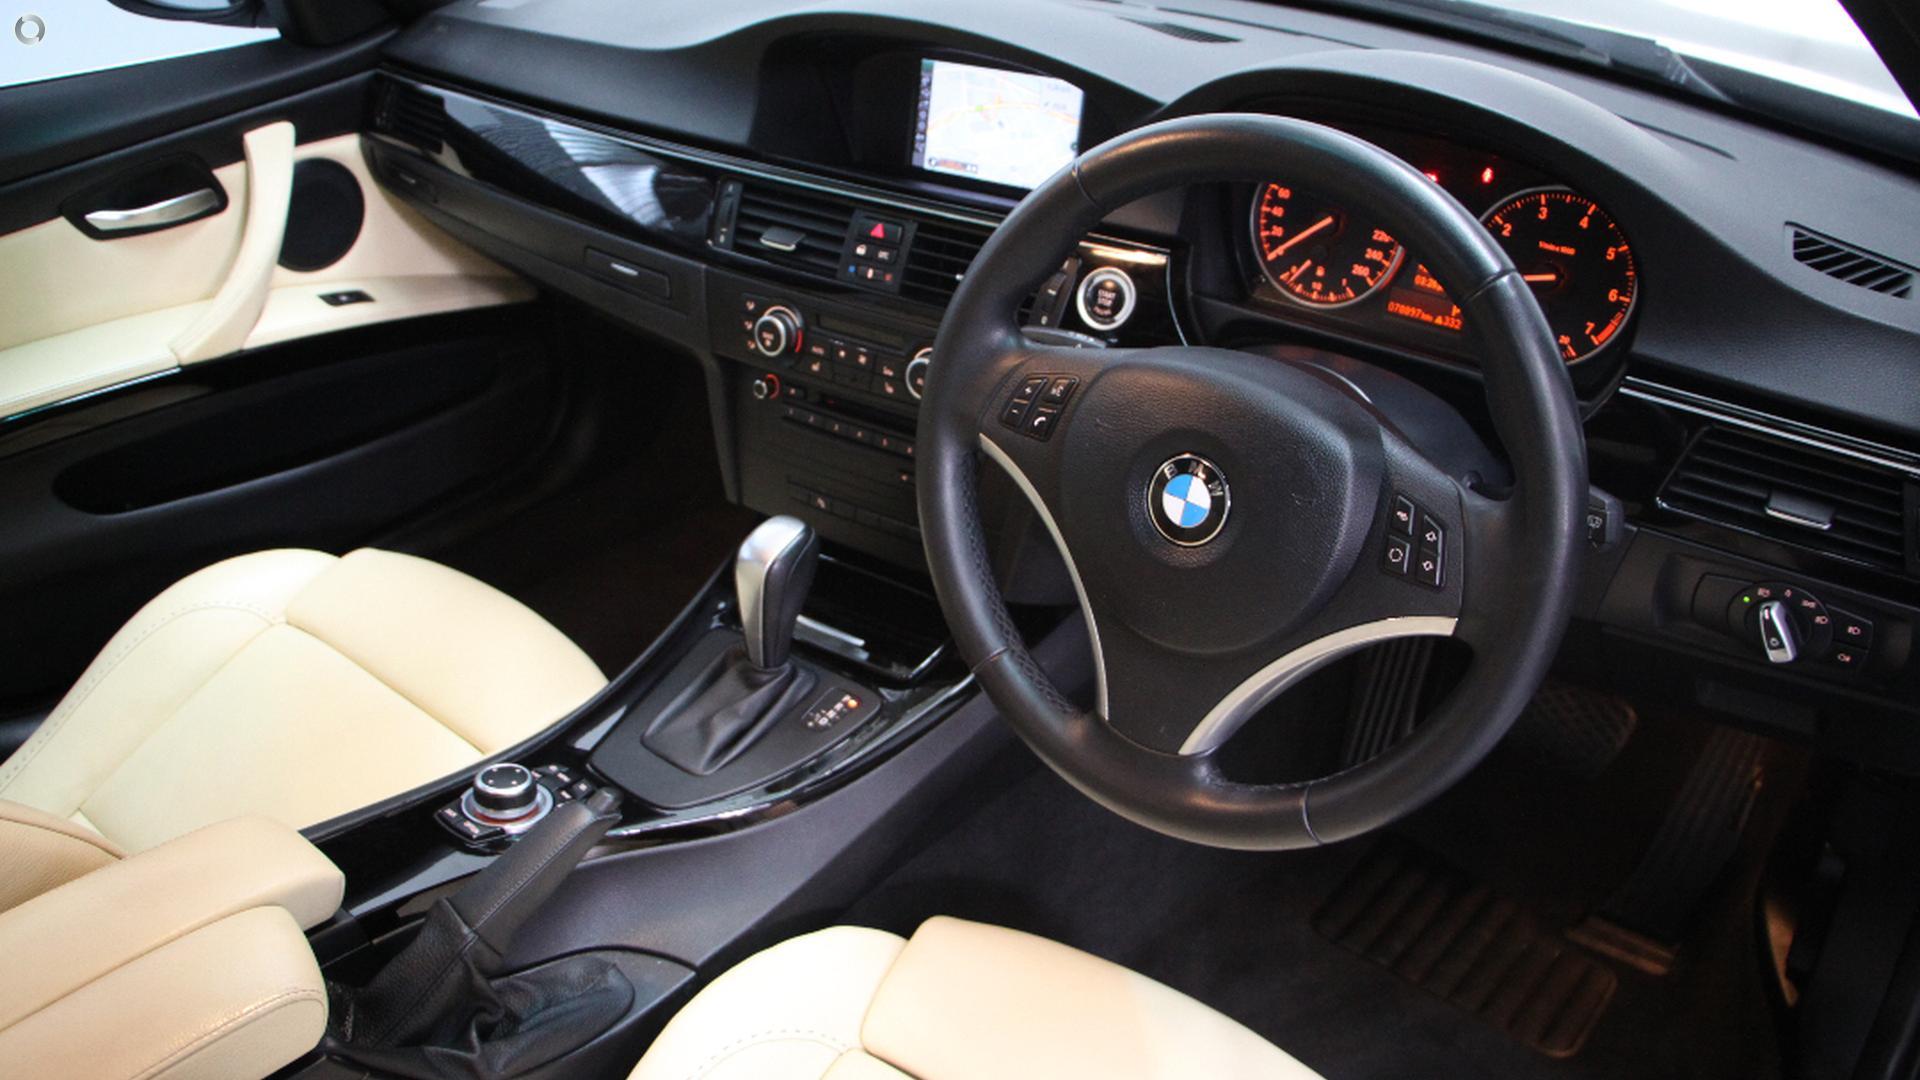 2010 BMW 320i Executive E90